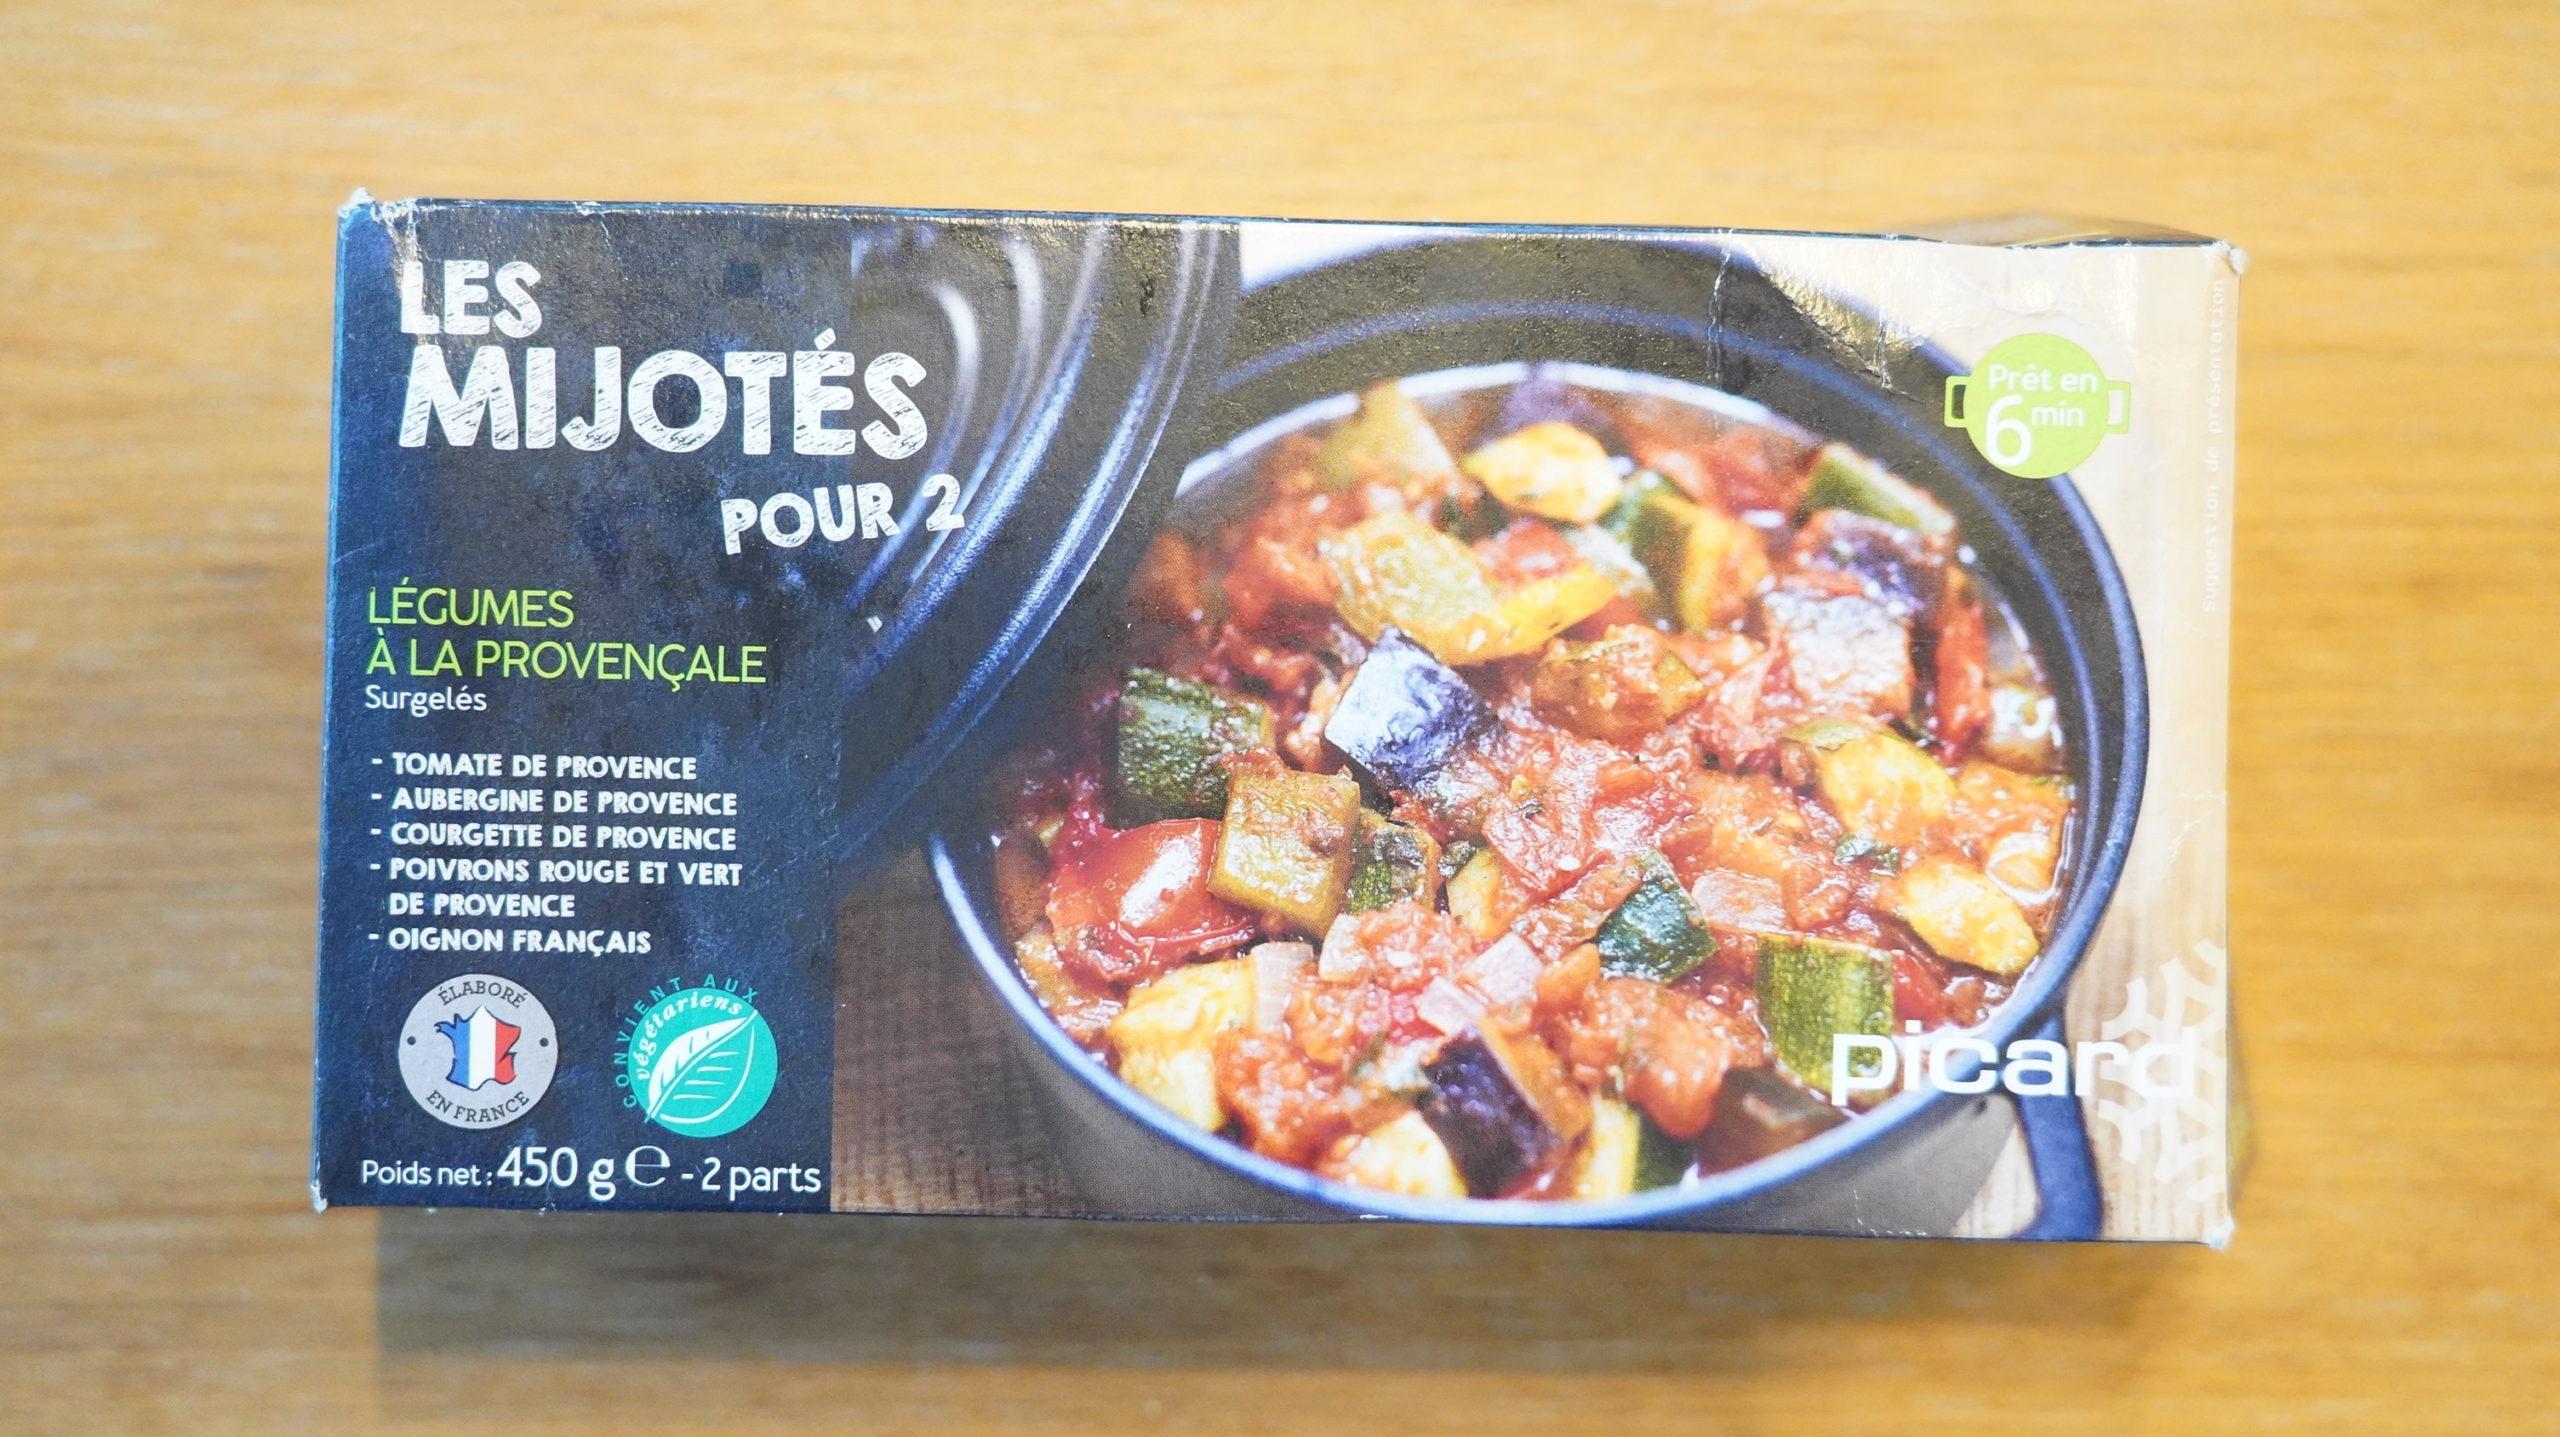 ピカールのおすすめ冷凍食品「プロバンス風野菜の煮込み」のパッケージ写真